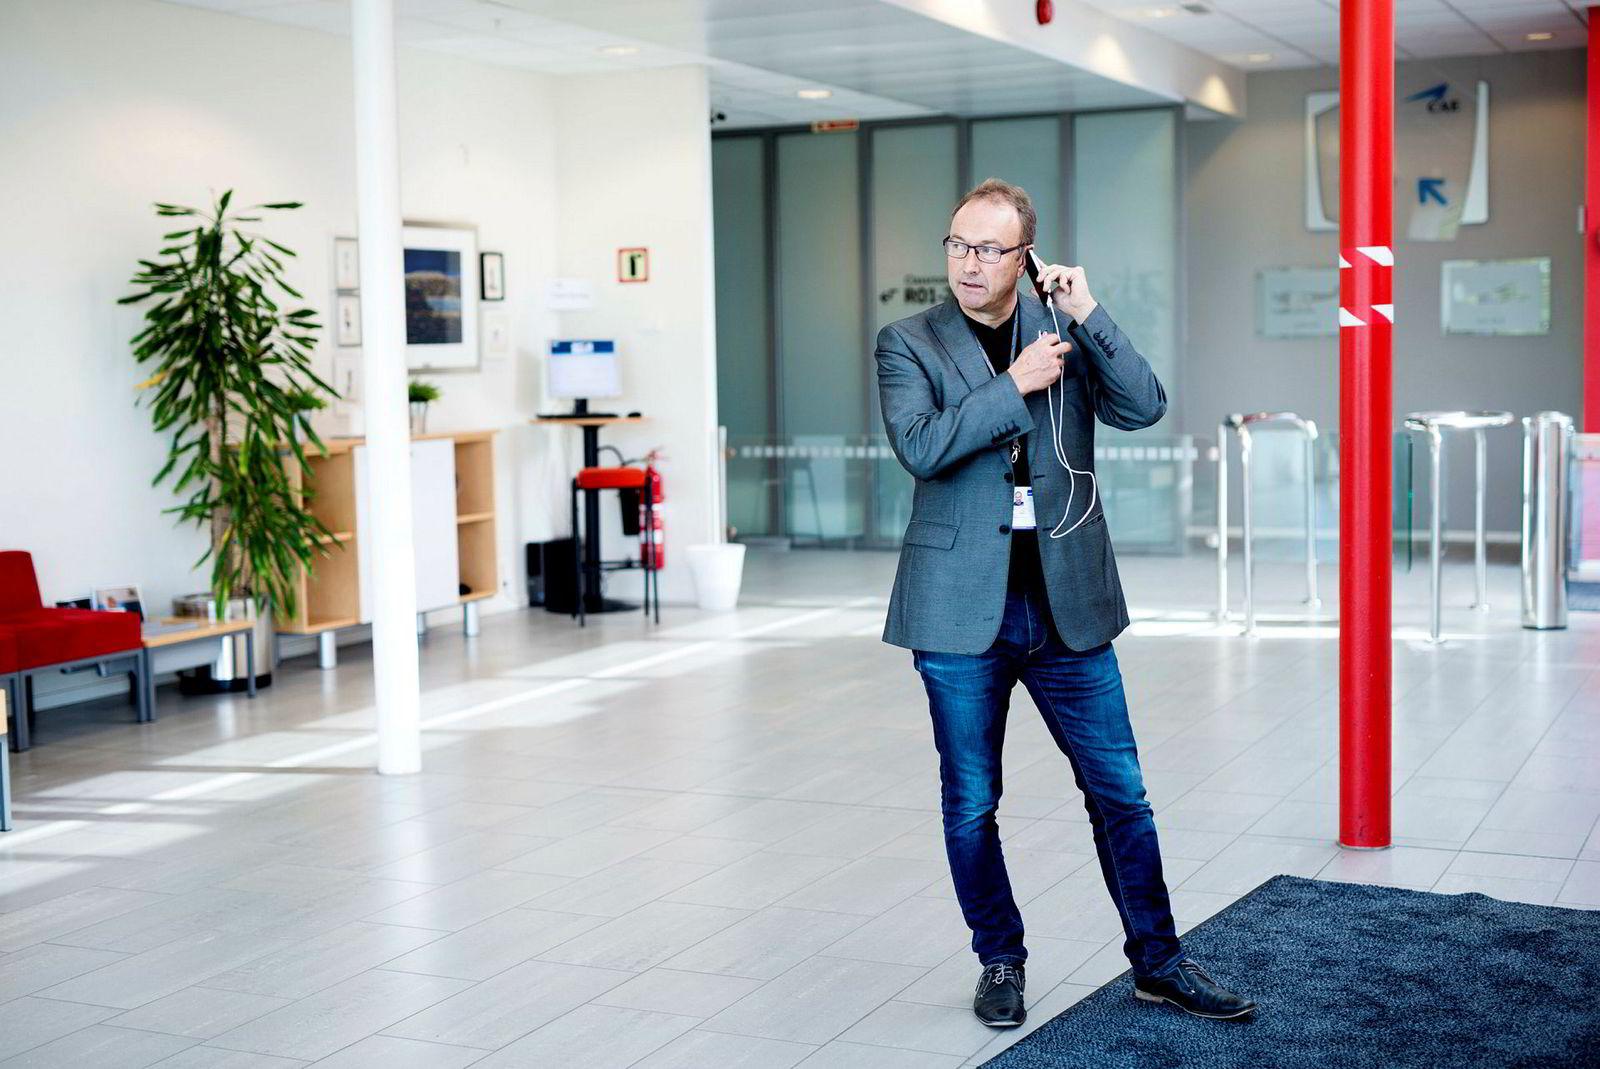 Knut Morten Johansen, kommunikasjonssjef i SAS, sier selskapet vil følge presedens av dommen dersom den blir rettskraftig i Norge.